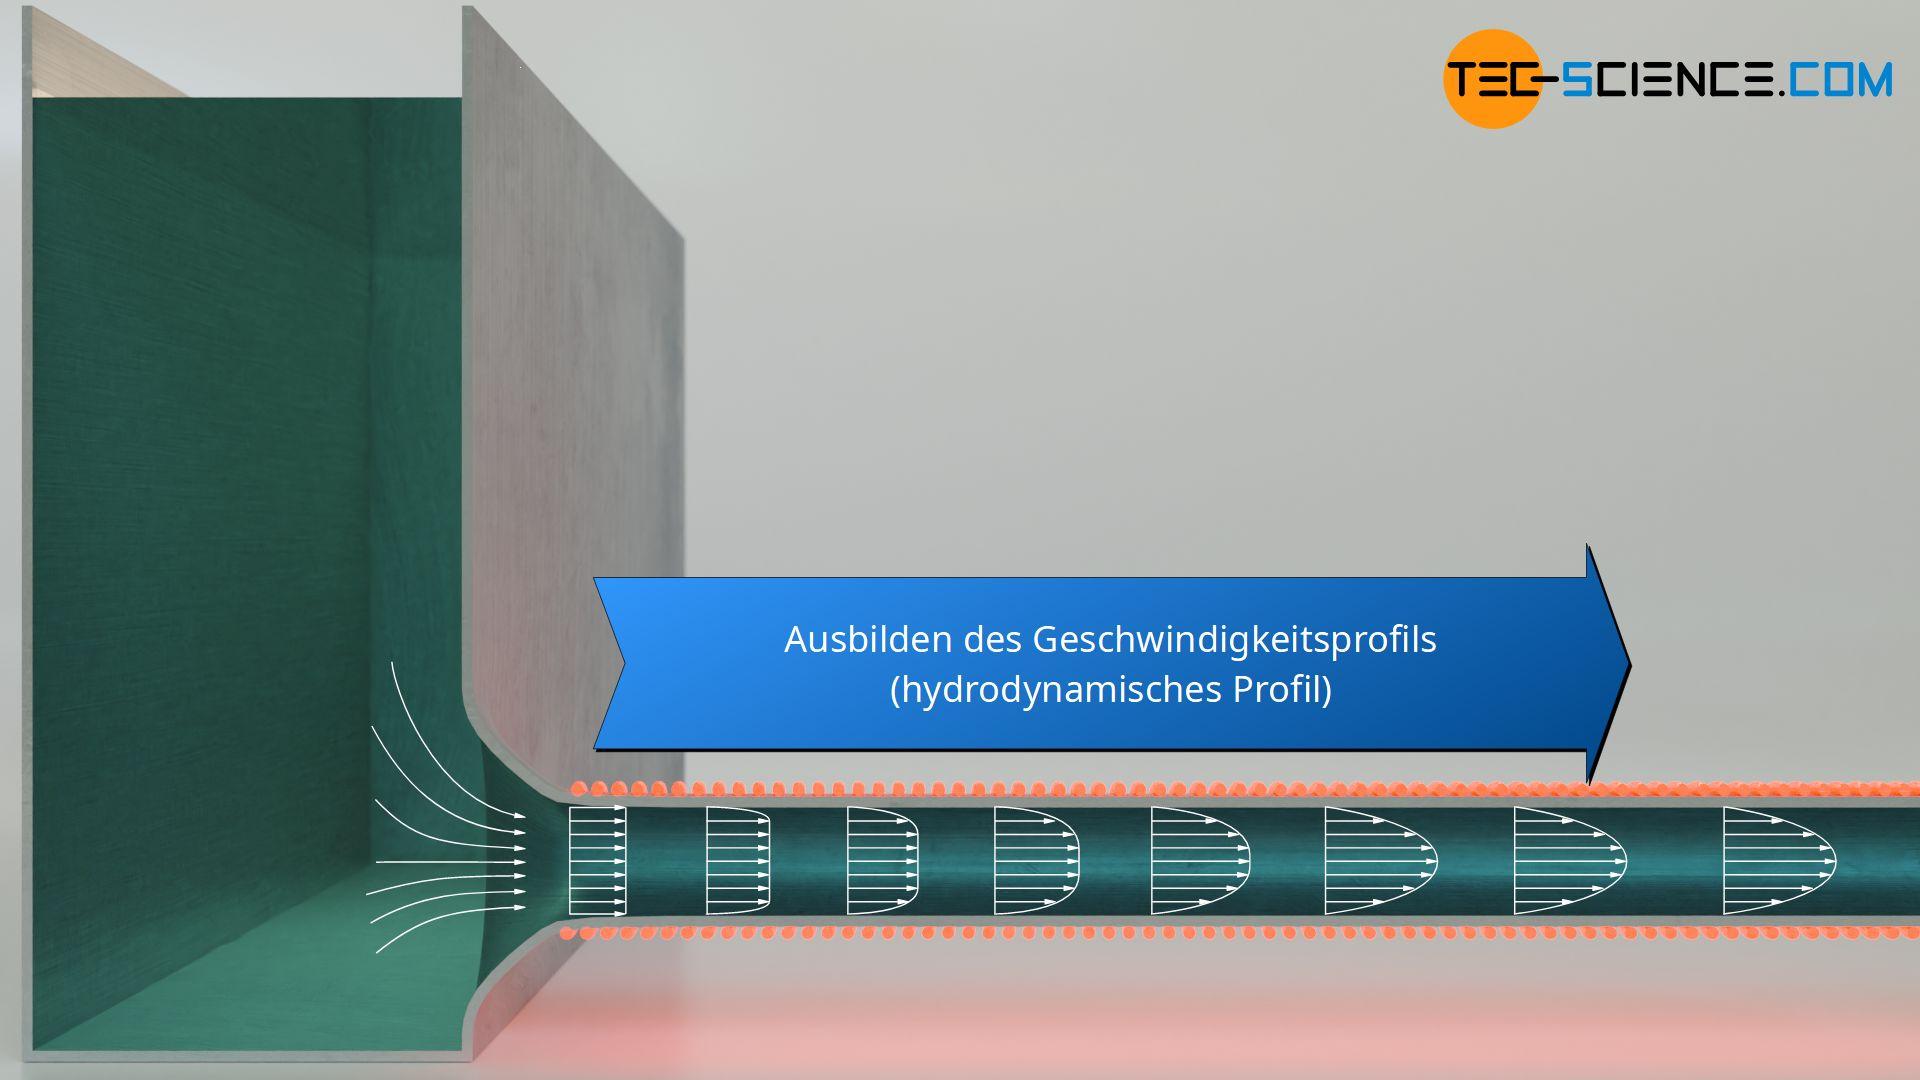 Ausbilden des Geschwindigkeitsprofils (hydrodynamisches Profil)